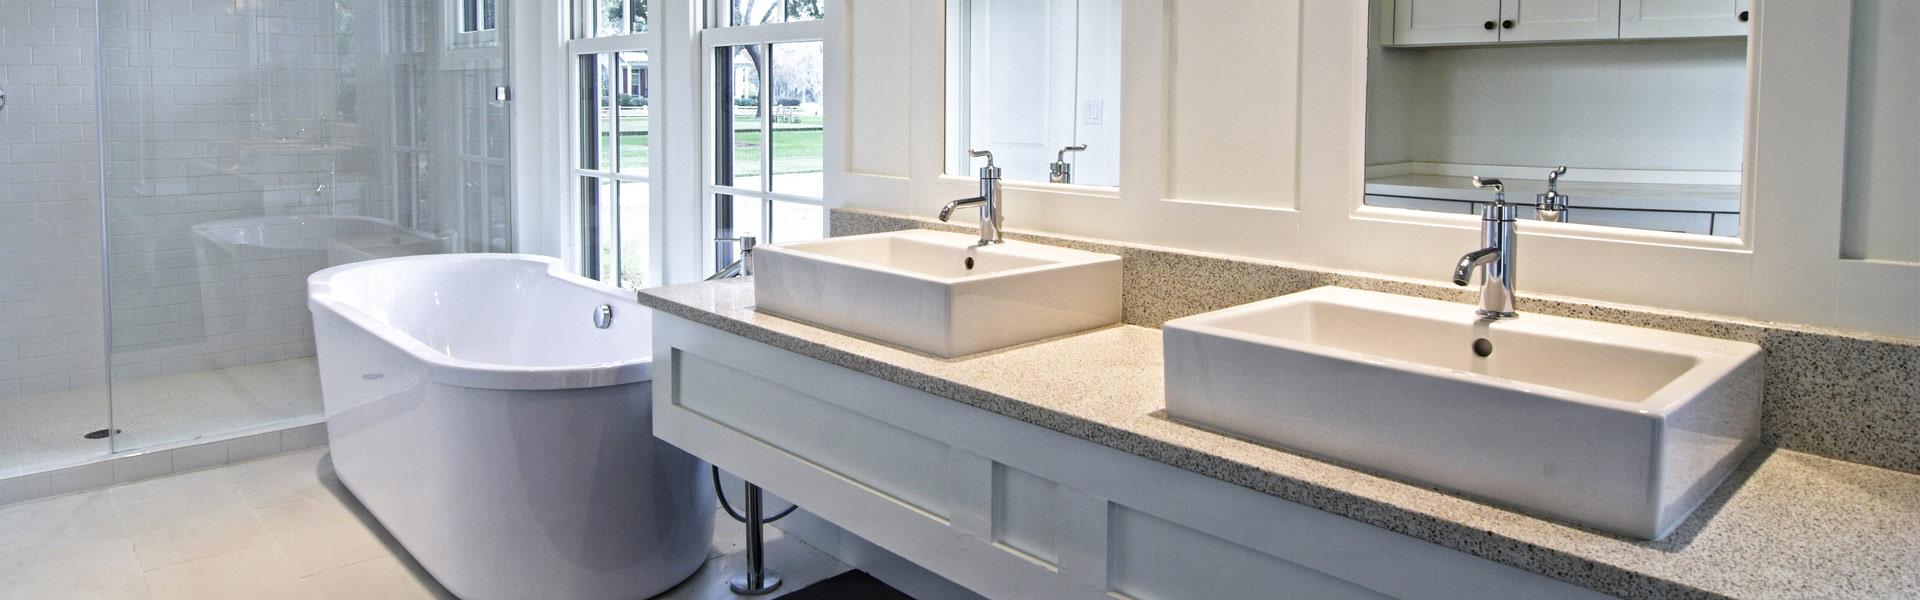 Bathroom Remodeling In Newark OH New Bathroom Flooring - Bathroom remodeling newark